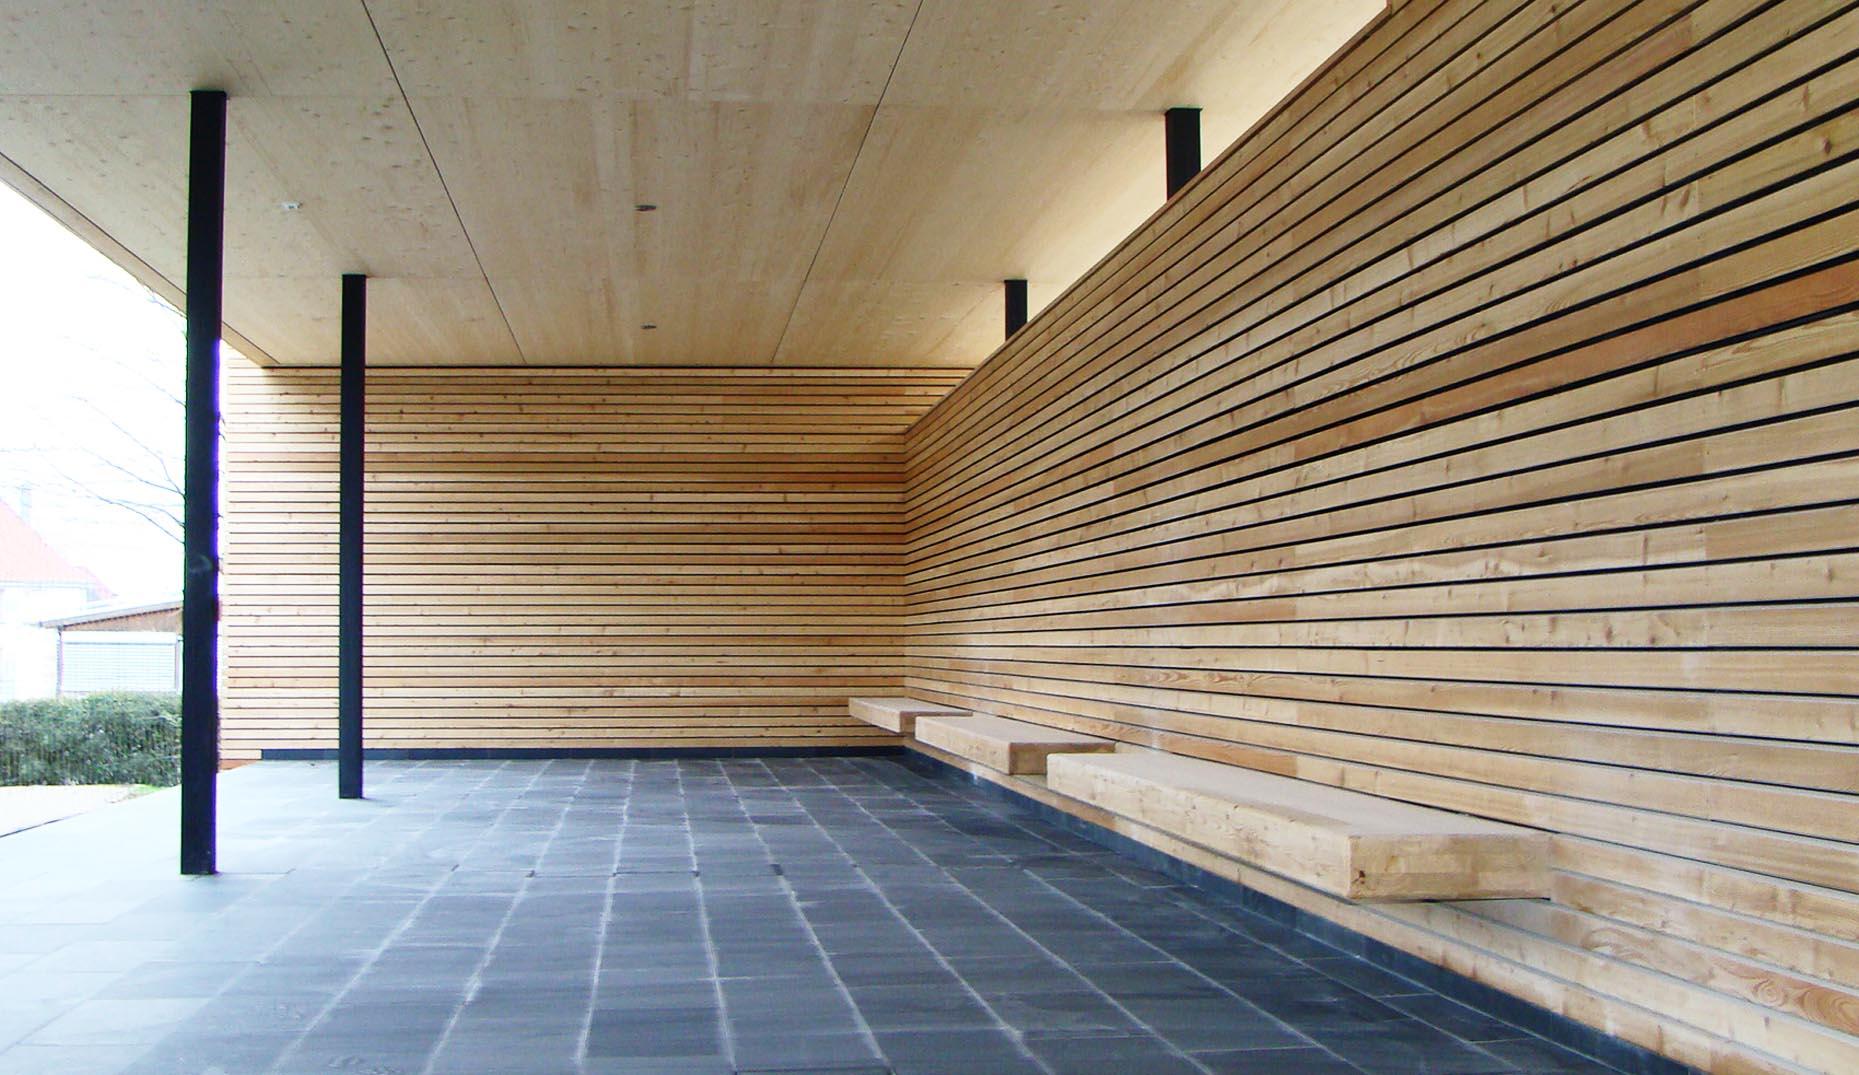 Ein sanierter Pausenbereich mit einer neuen Verkleidung aus Holz für eine Schule in Baden-Württemberg